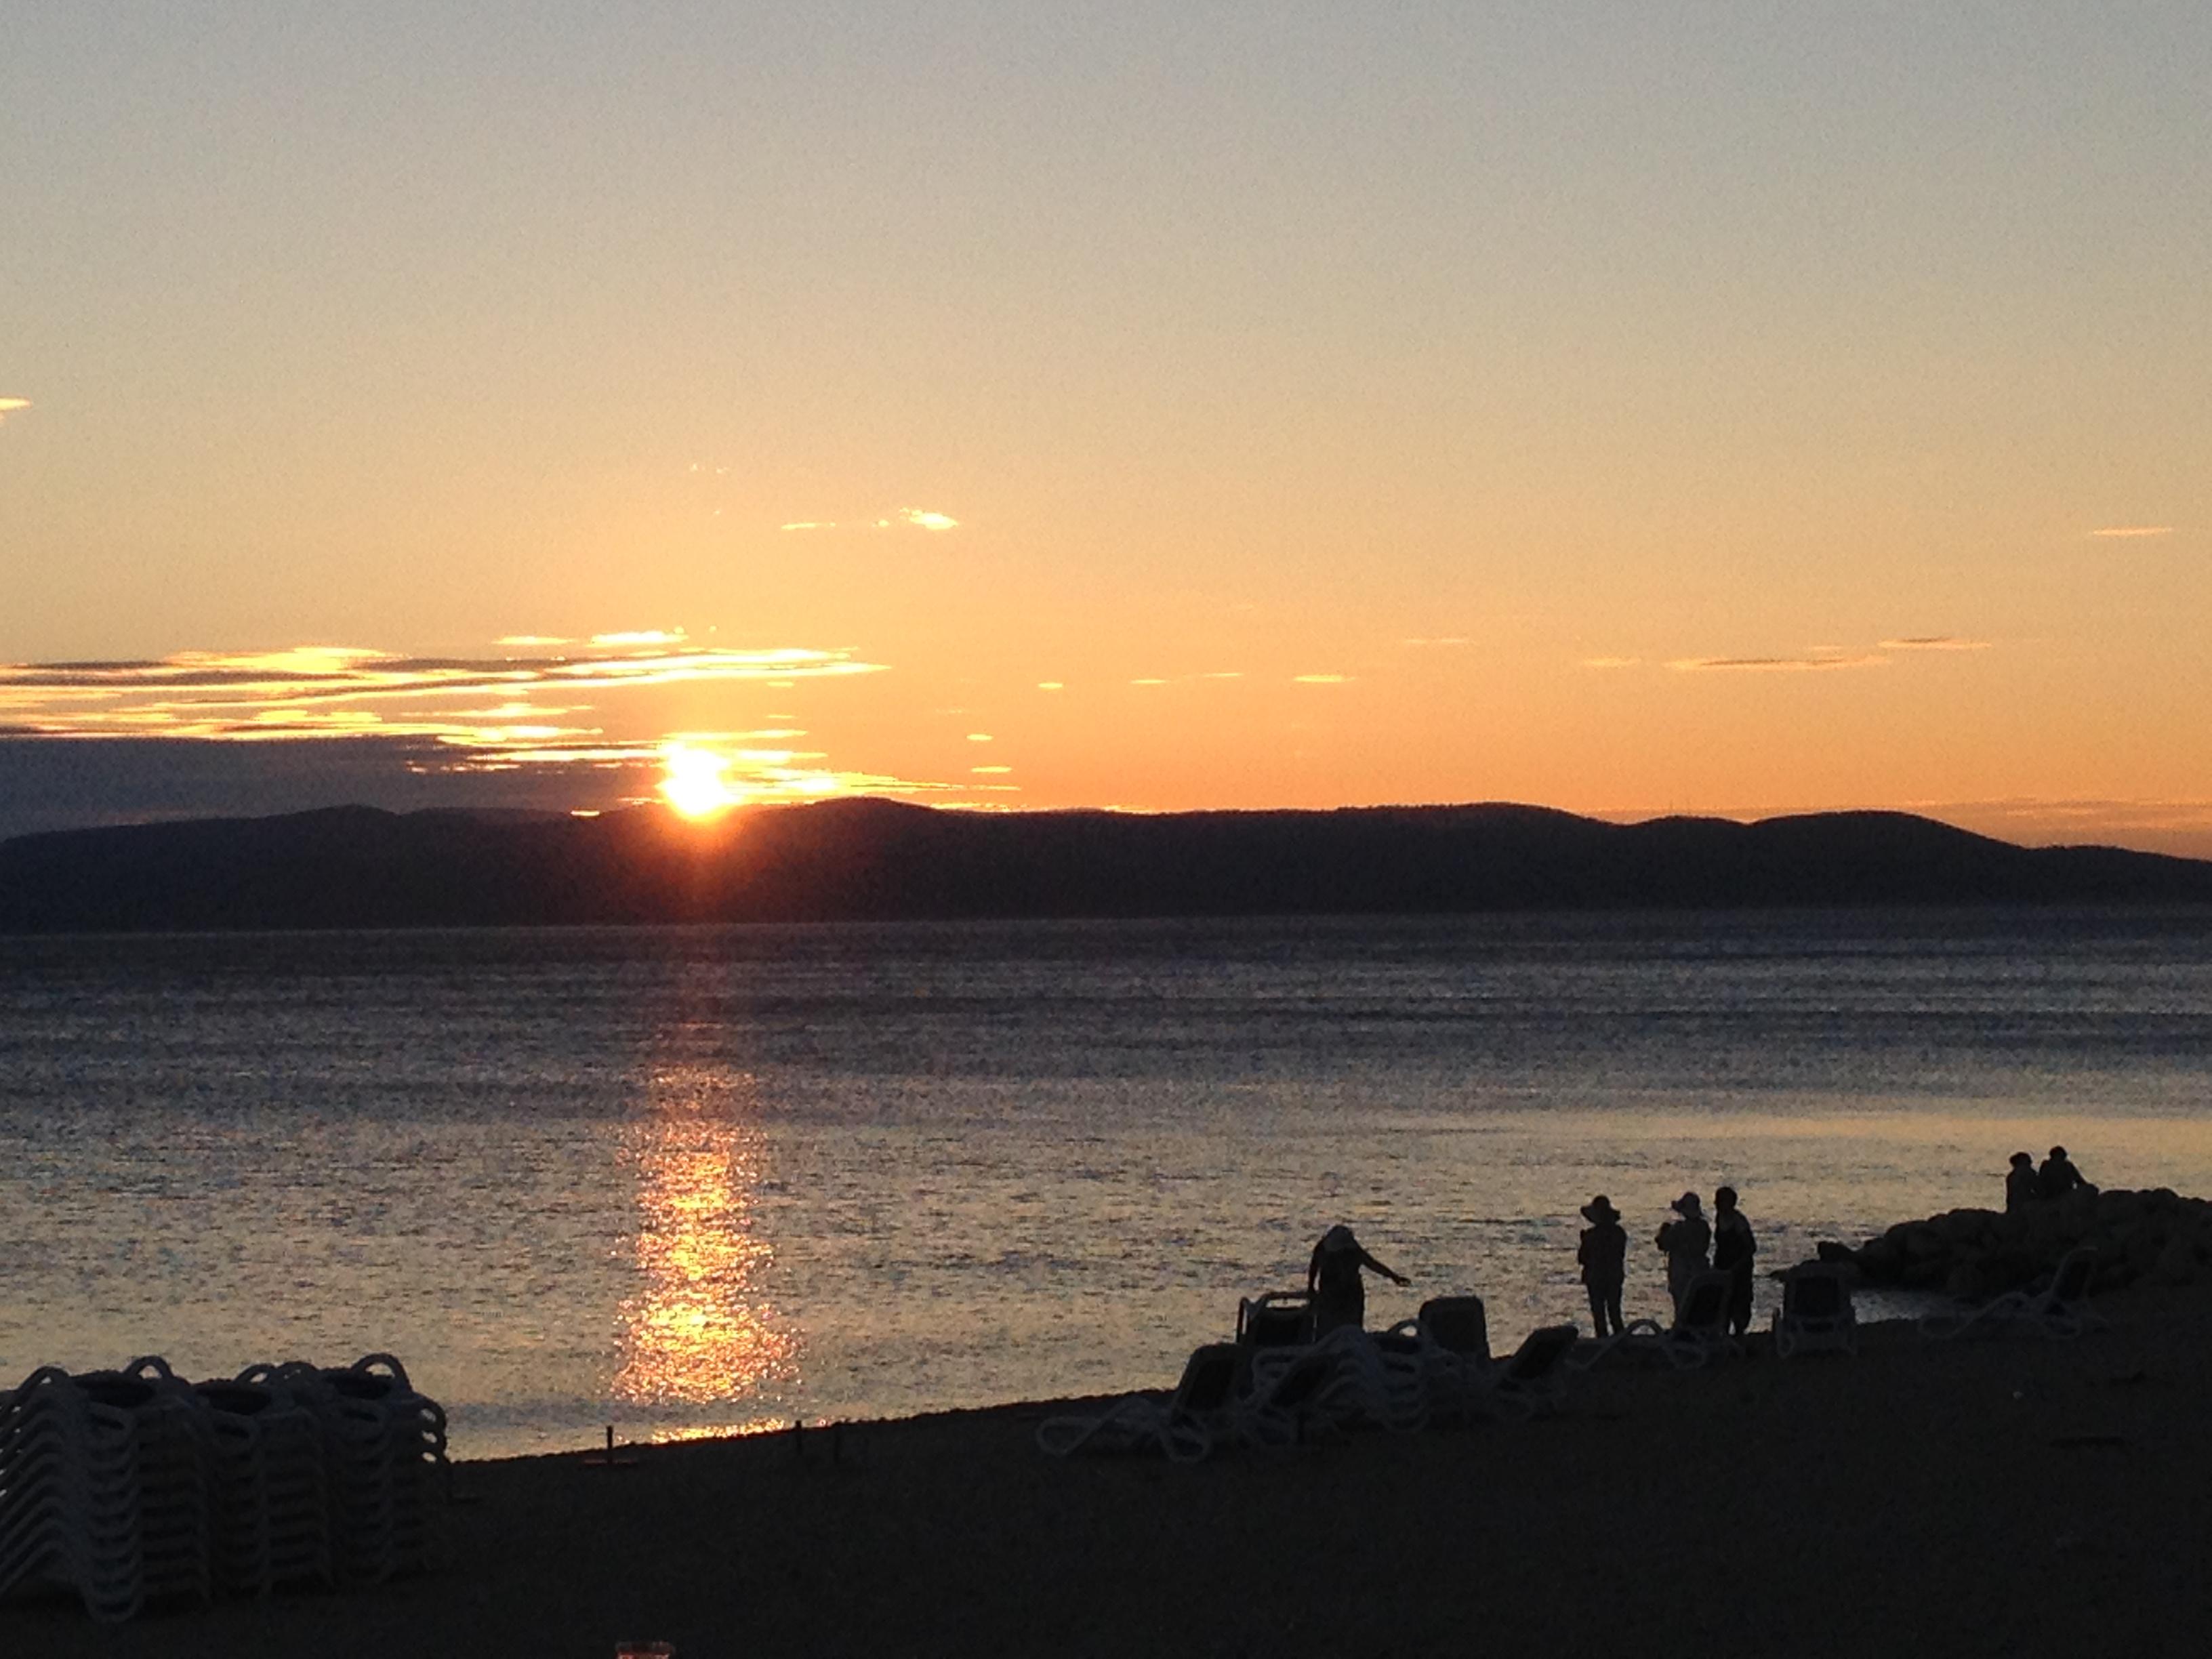 Solnedgang i havet